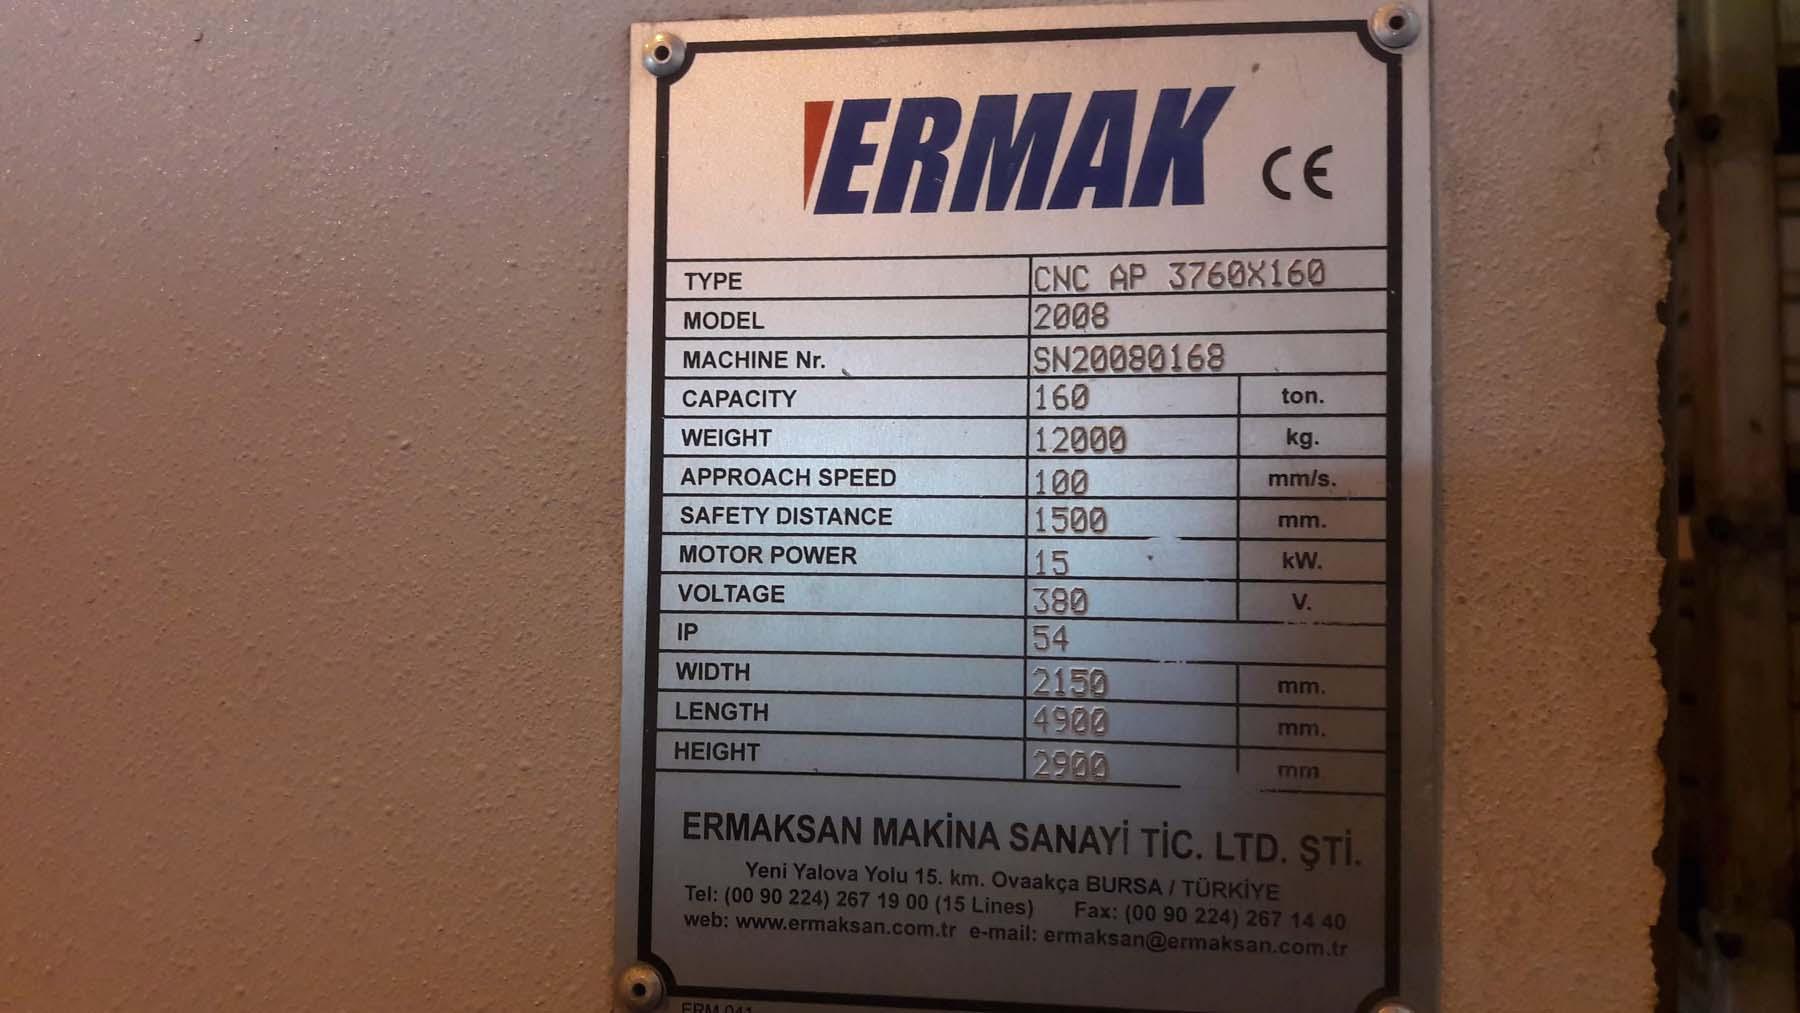 05156-cnc AP3760-160.14